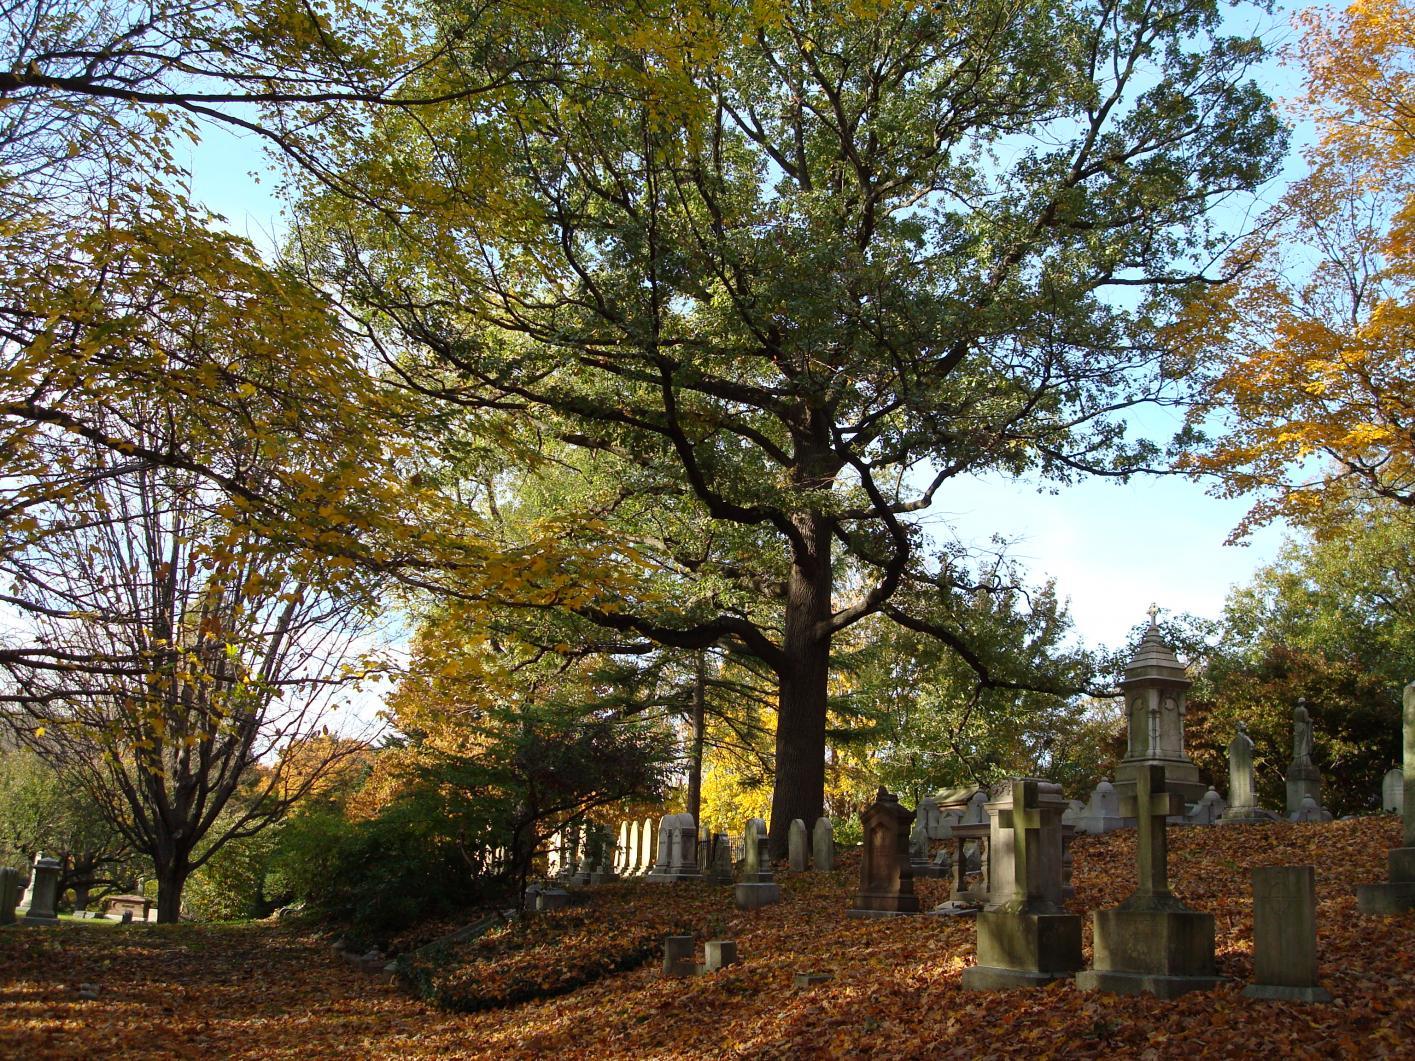 Quercus Multisite American Public Gardens Association